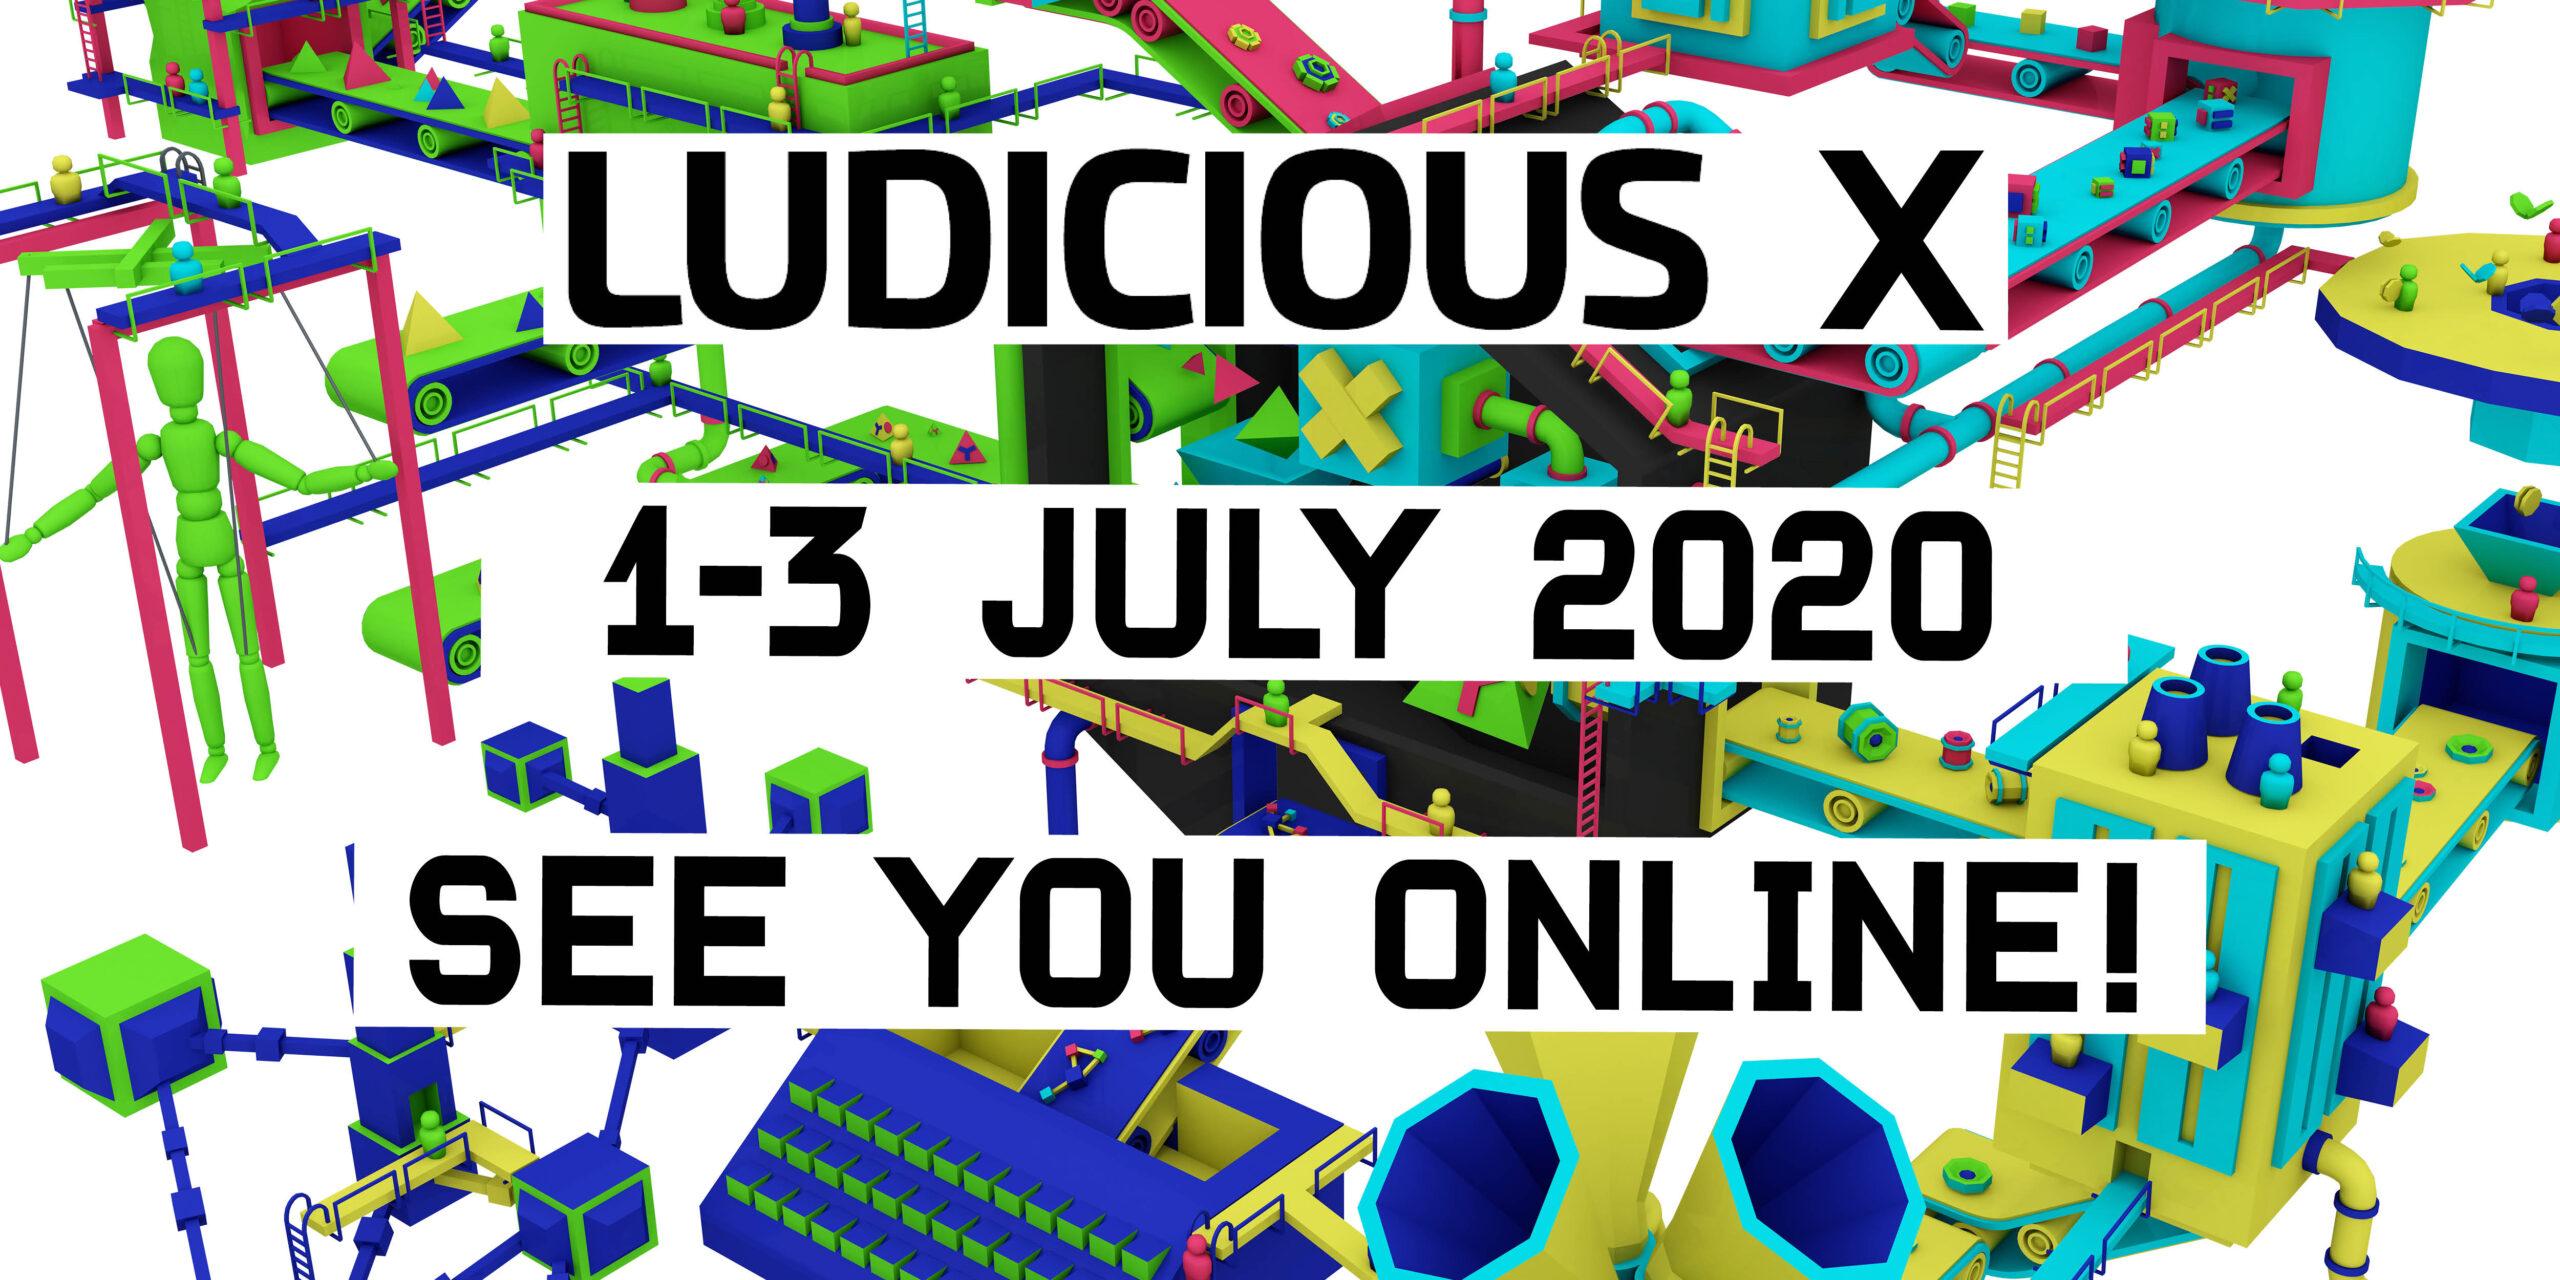 Ludicious 2020